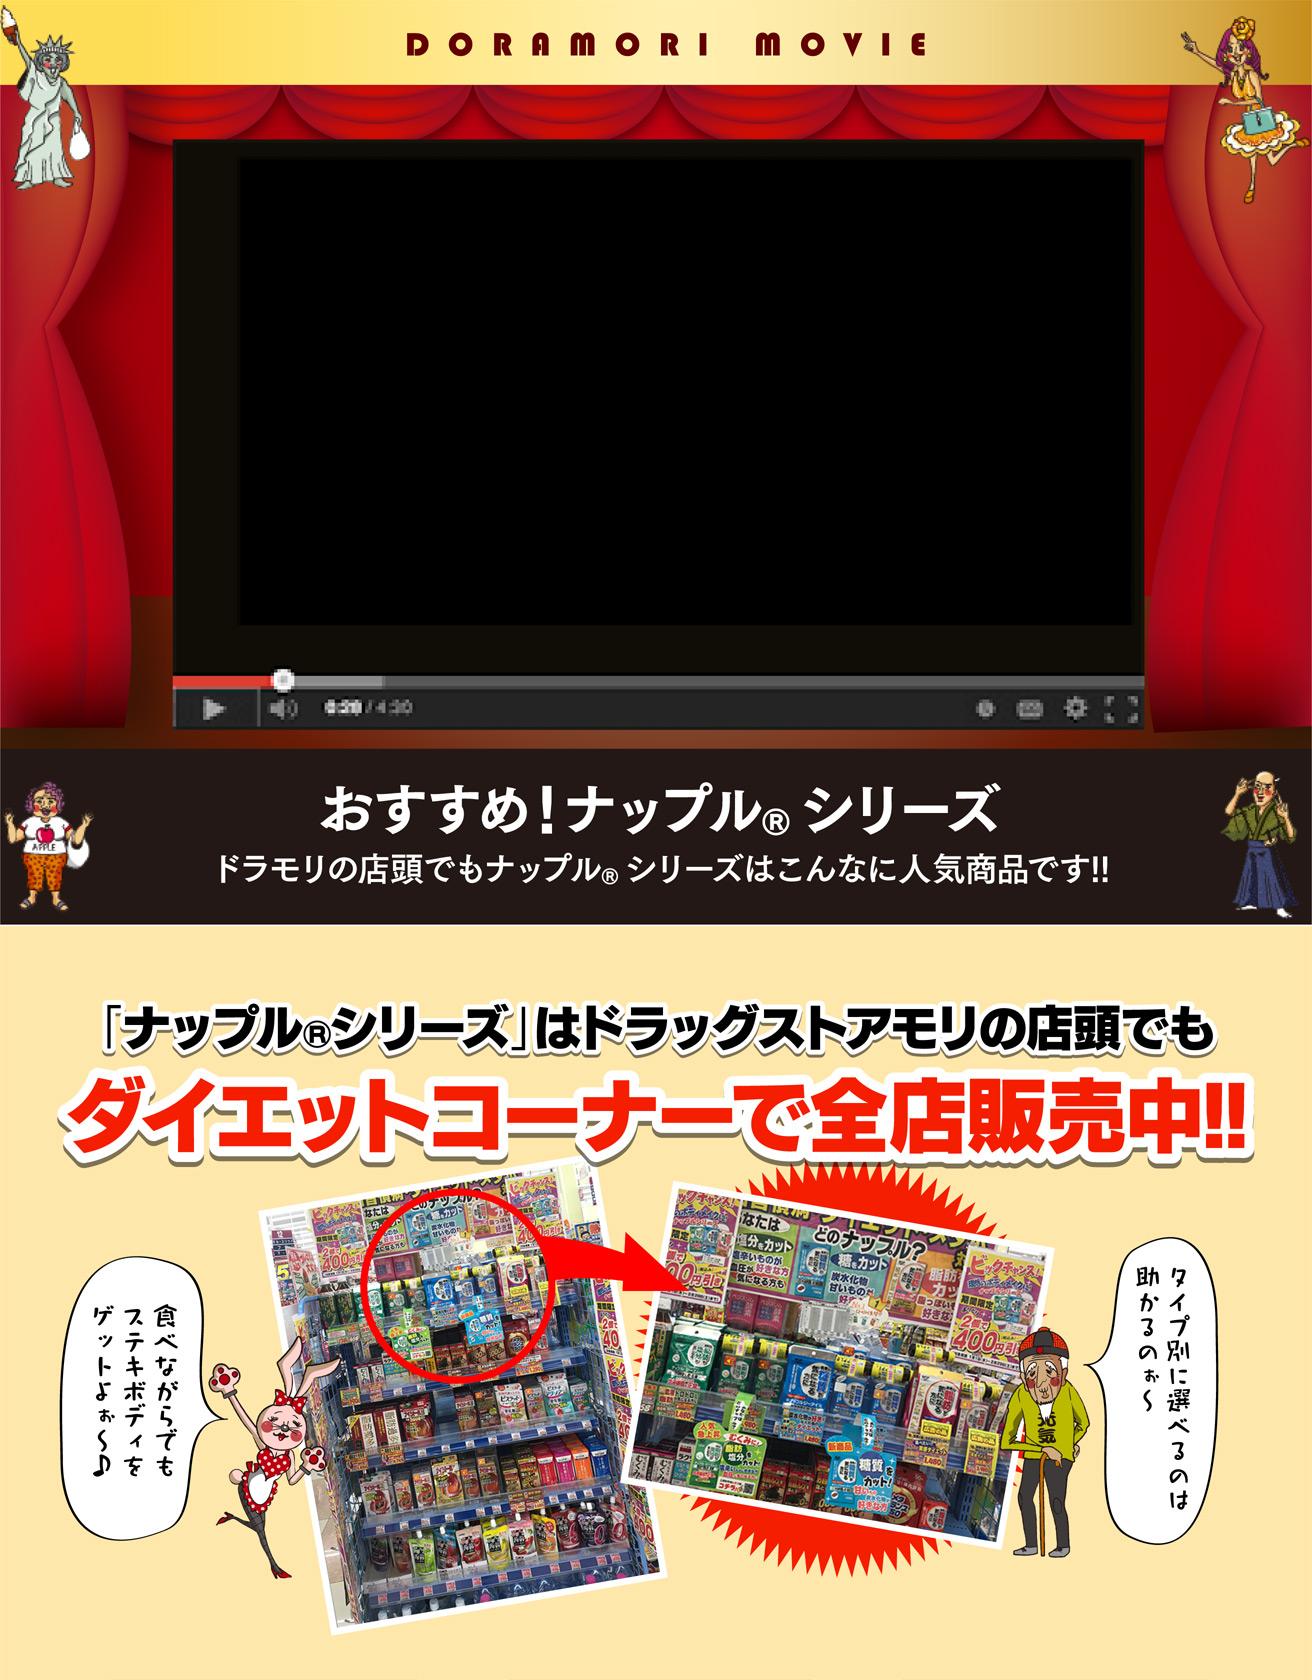 おすすめ!ナップルシリーズ/ドラモリの店頭でもナップルシリーズはこんなに人気商品です!!